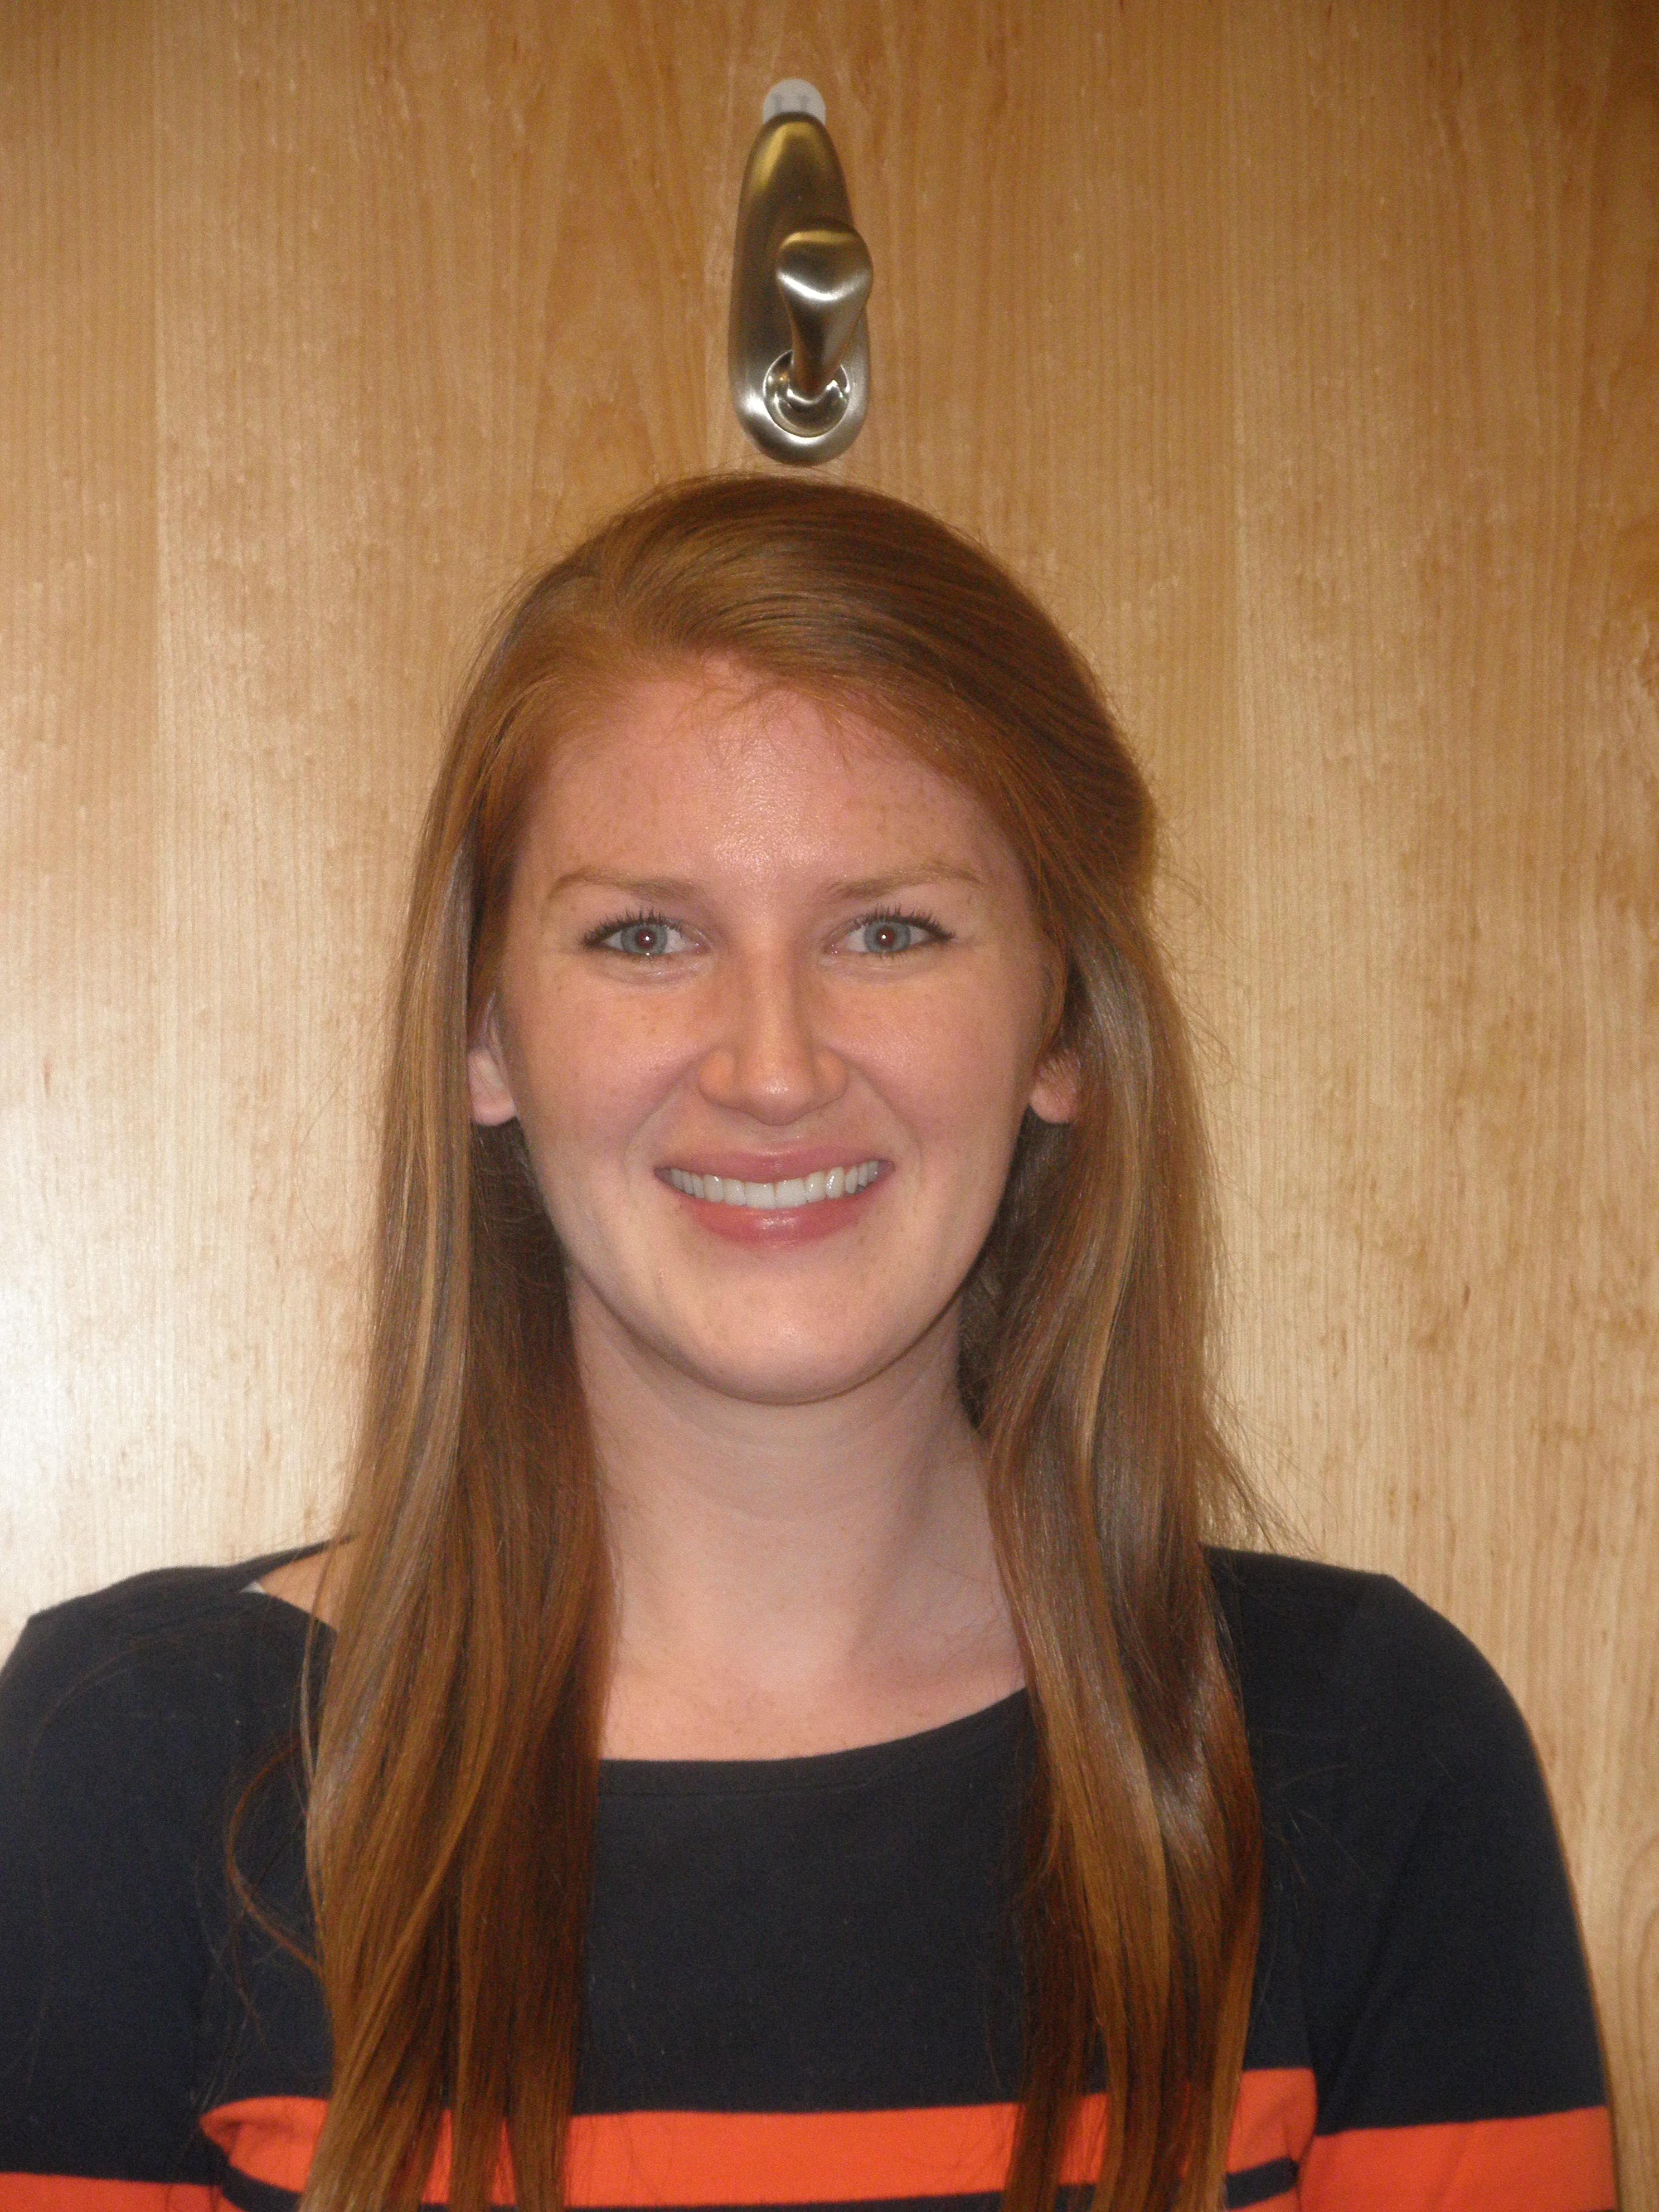 Emily O'Sullivan